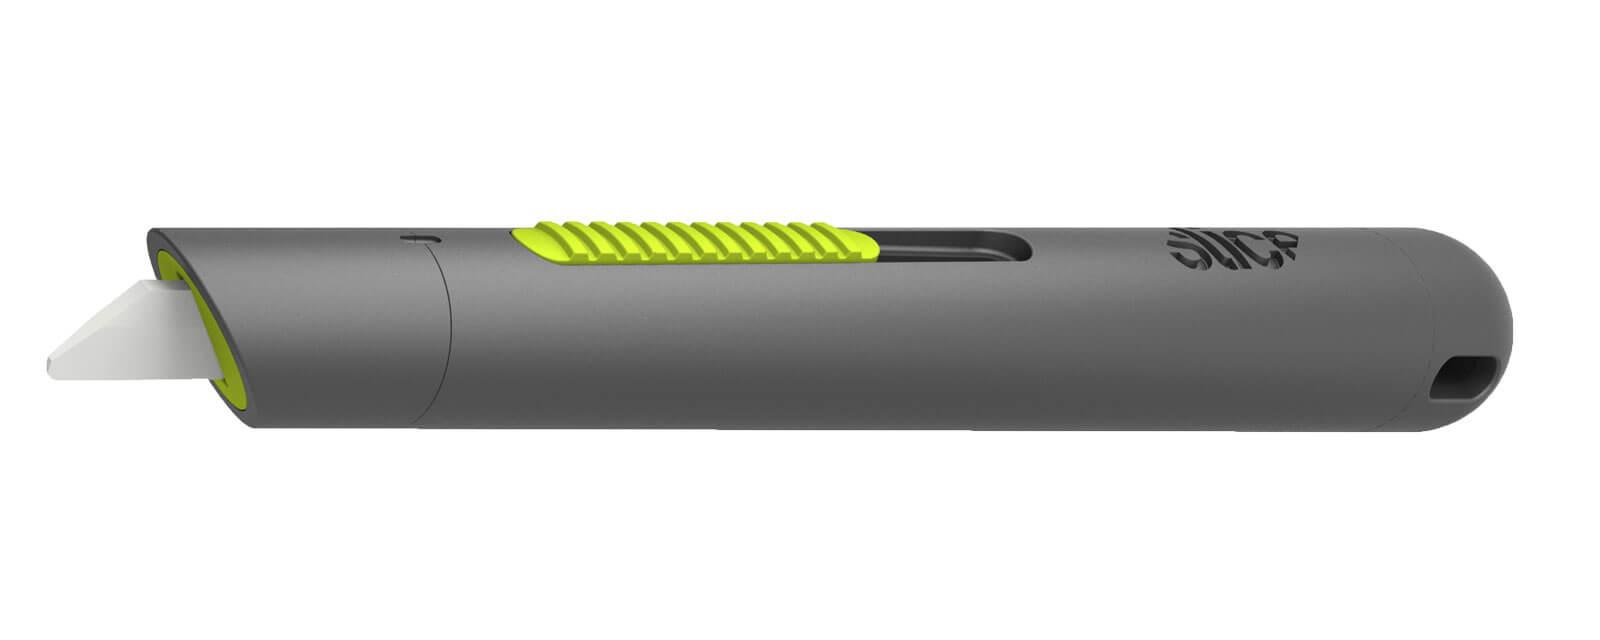 U008-Keramik-Sicherheitsmesser-auto-Produktbild-CURT-tools